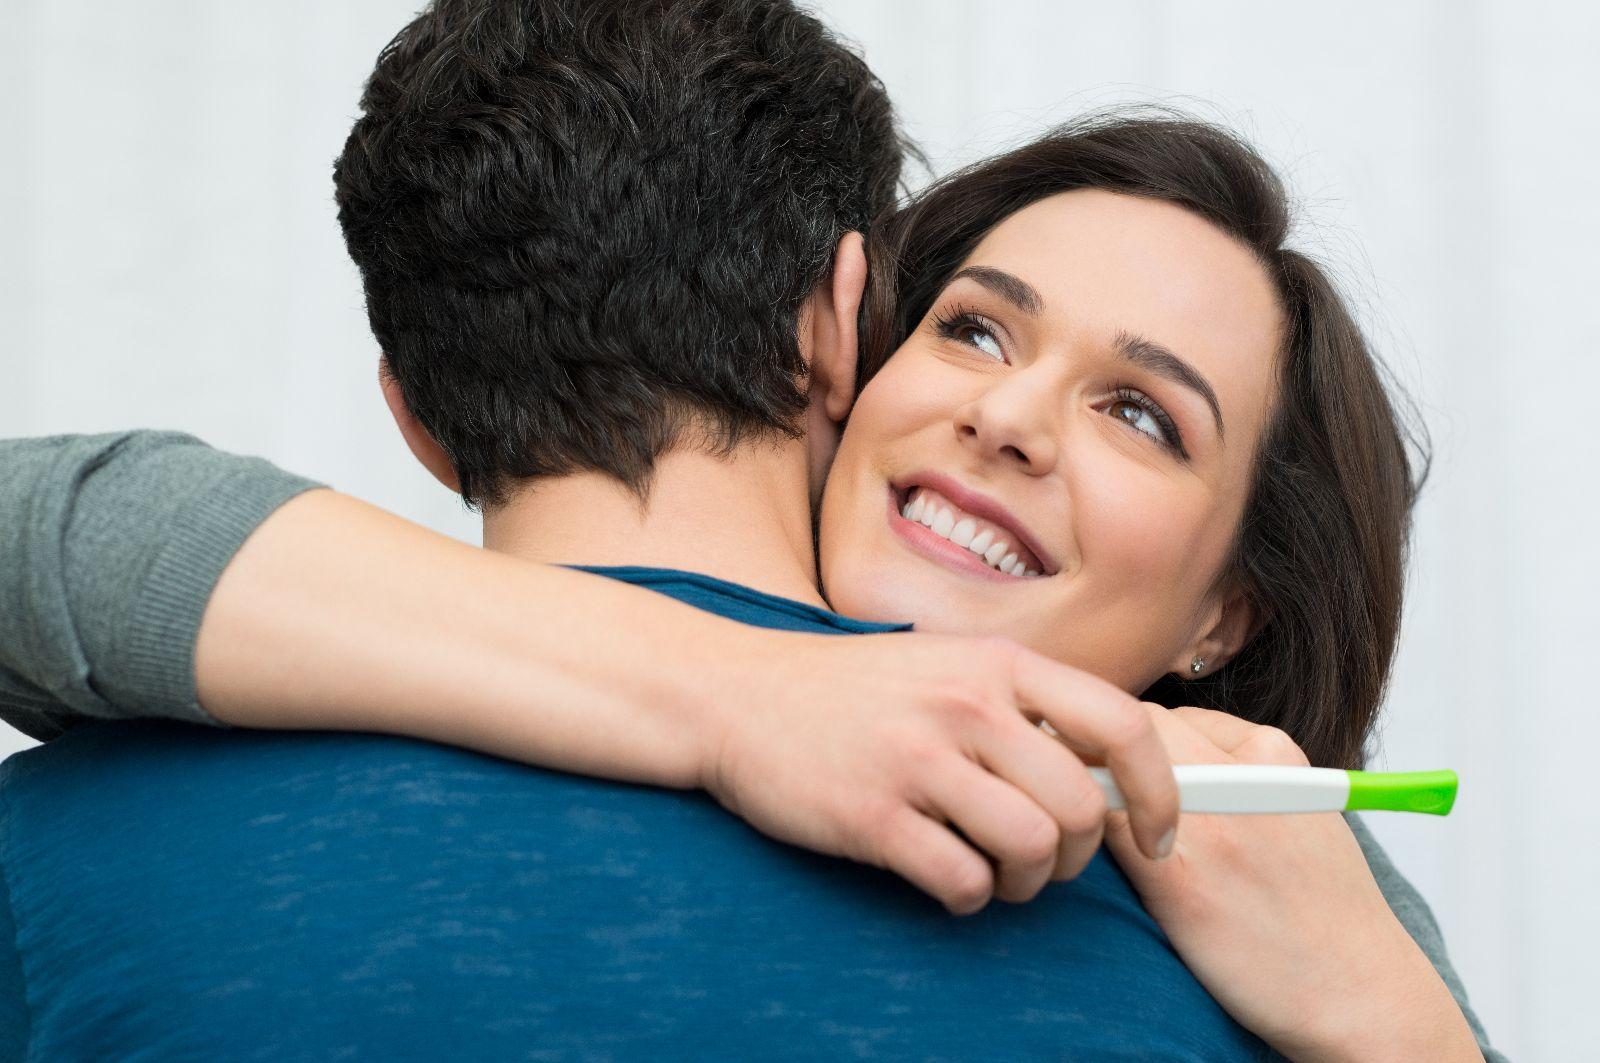 Pareja abrazandose feliz ella sostiene prueba de embarazo en su mano